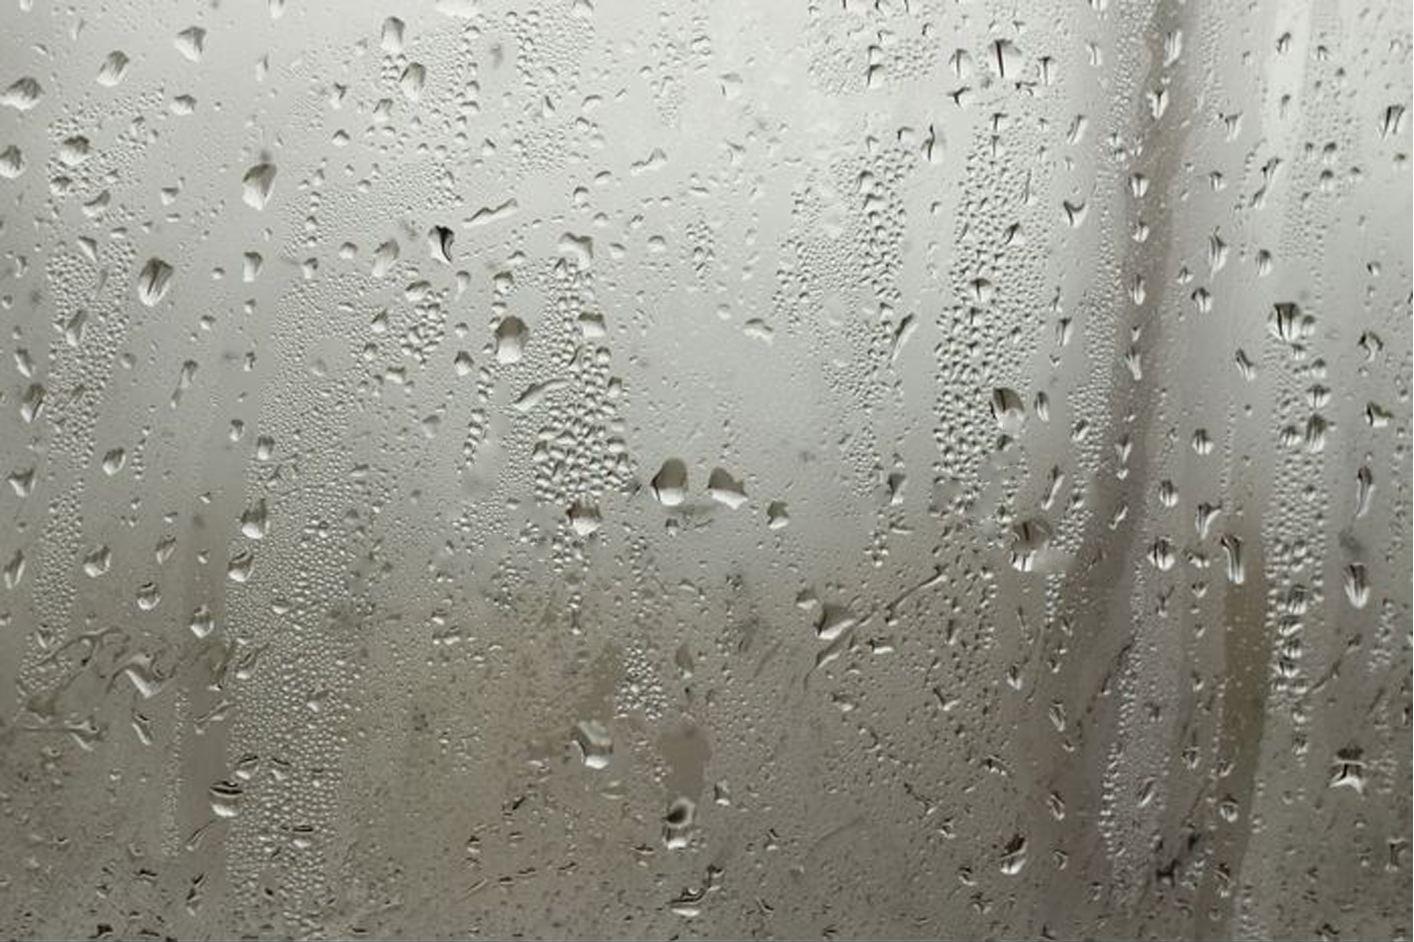 玻璃起雾原来是因为?